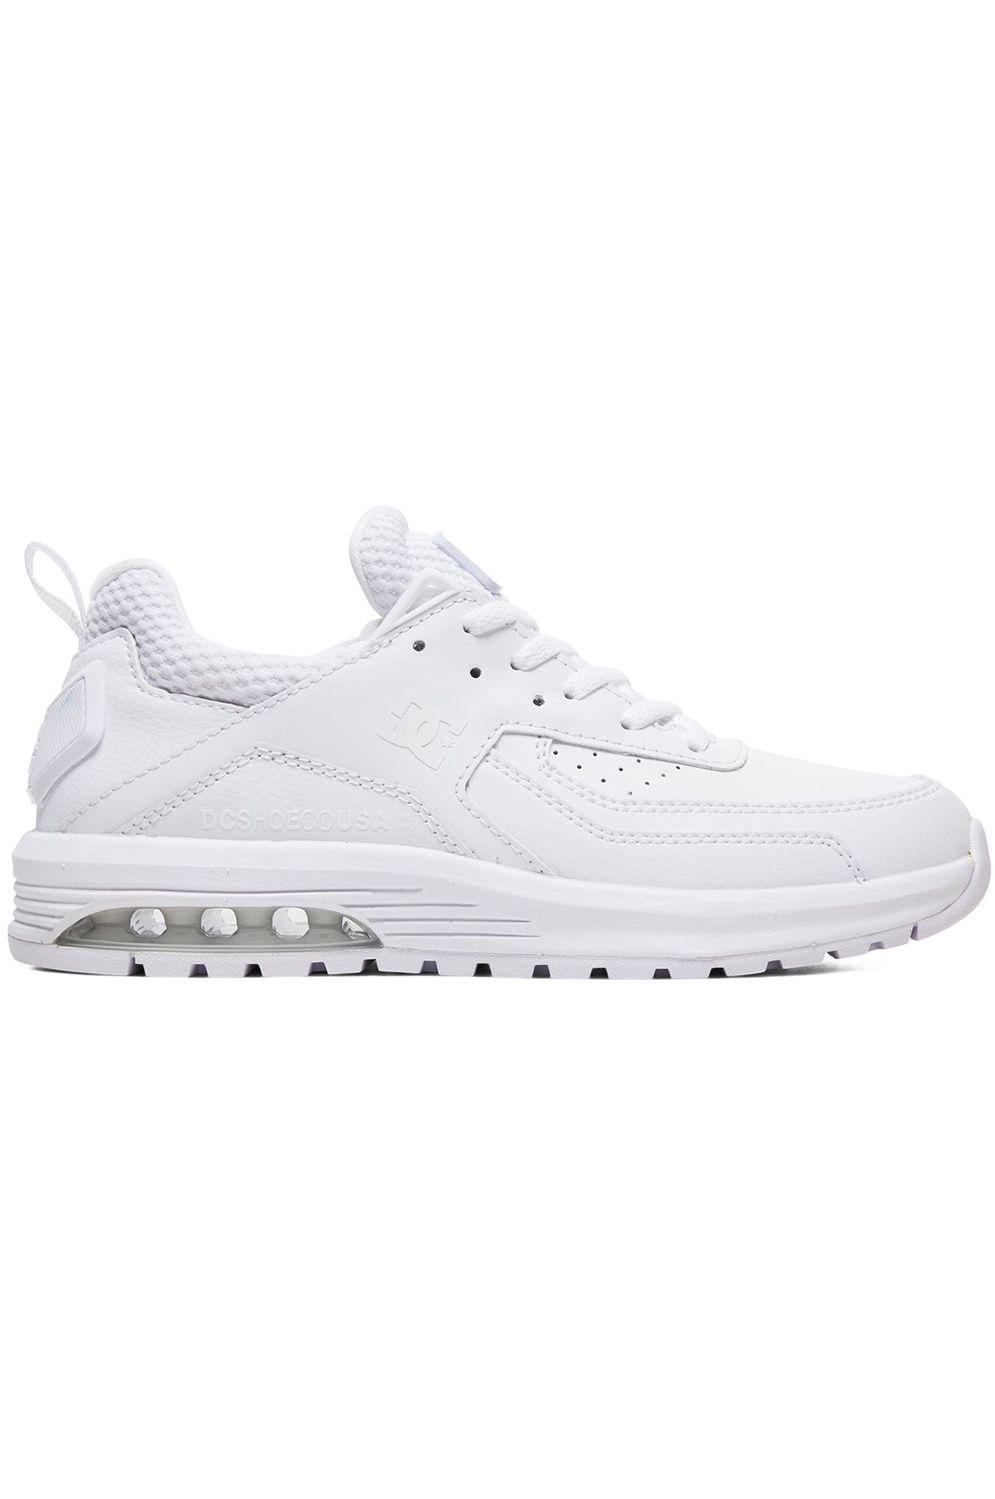 DC Shoes Shoes VANDIUM White